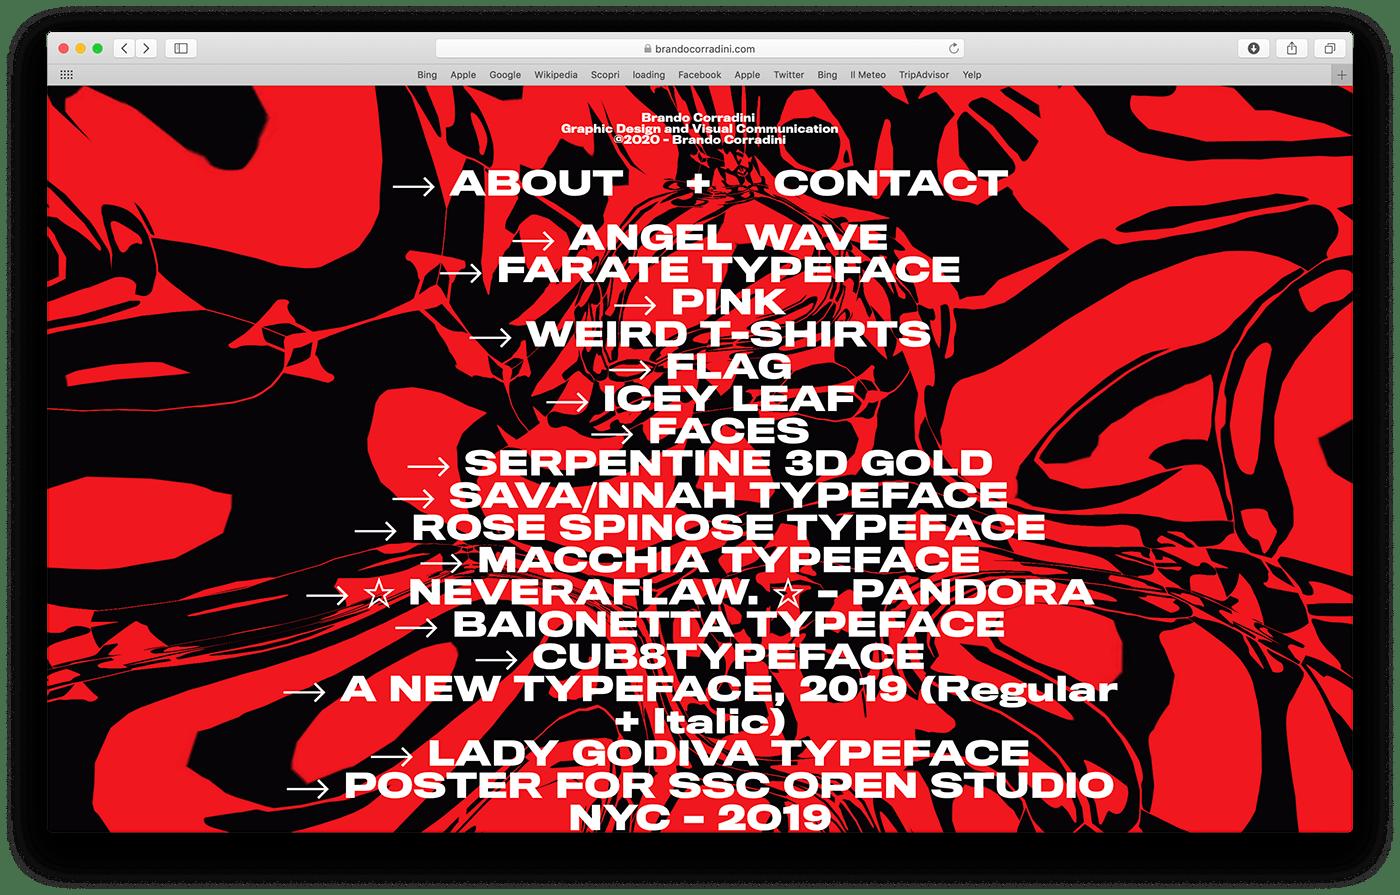 Image may contain: poster, cartoon and screenshot